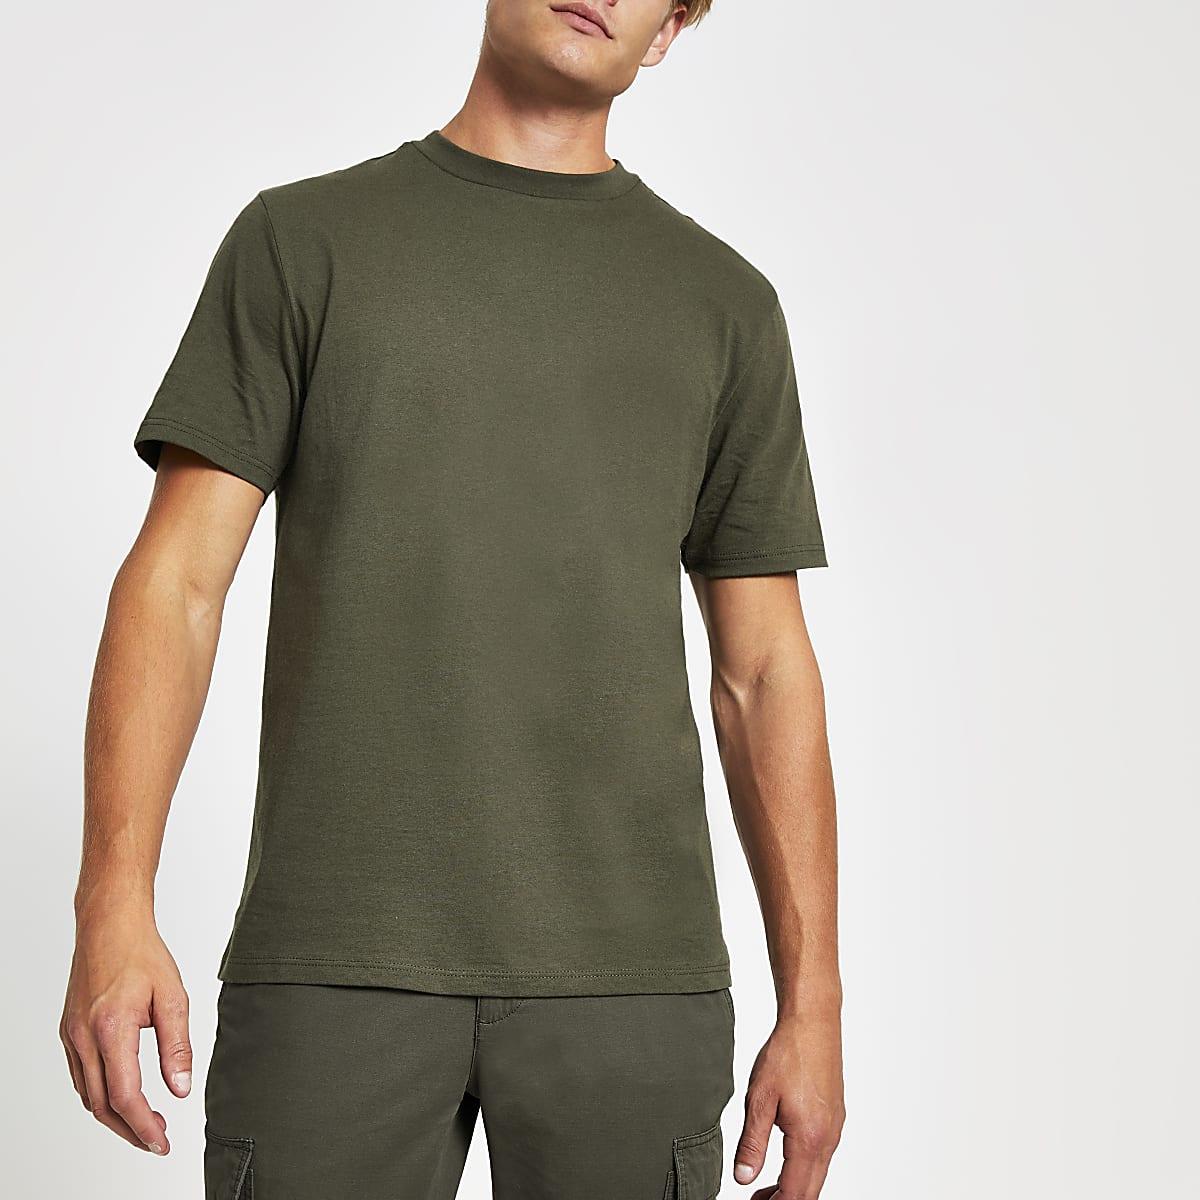 Kaki T-shirt met ronde hals en korte mouwen